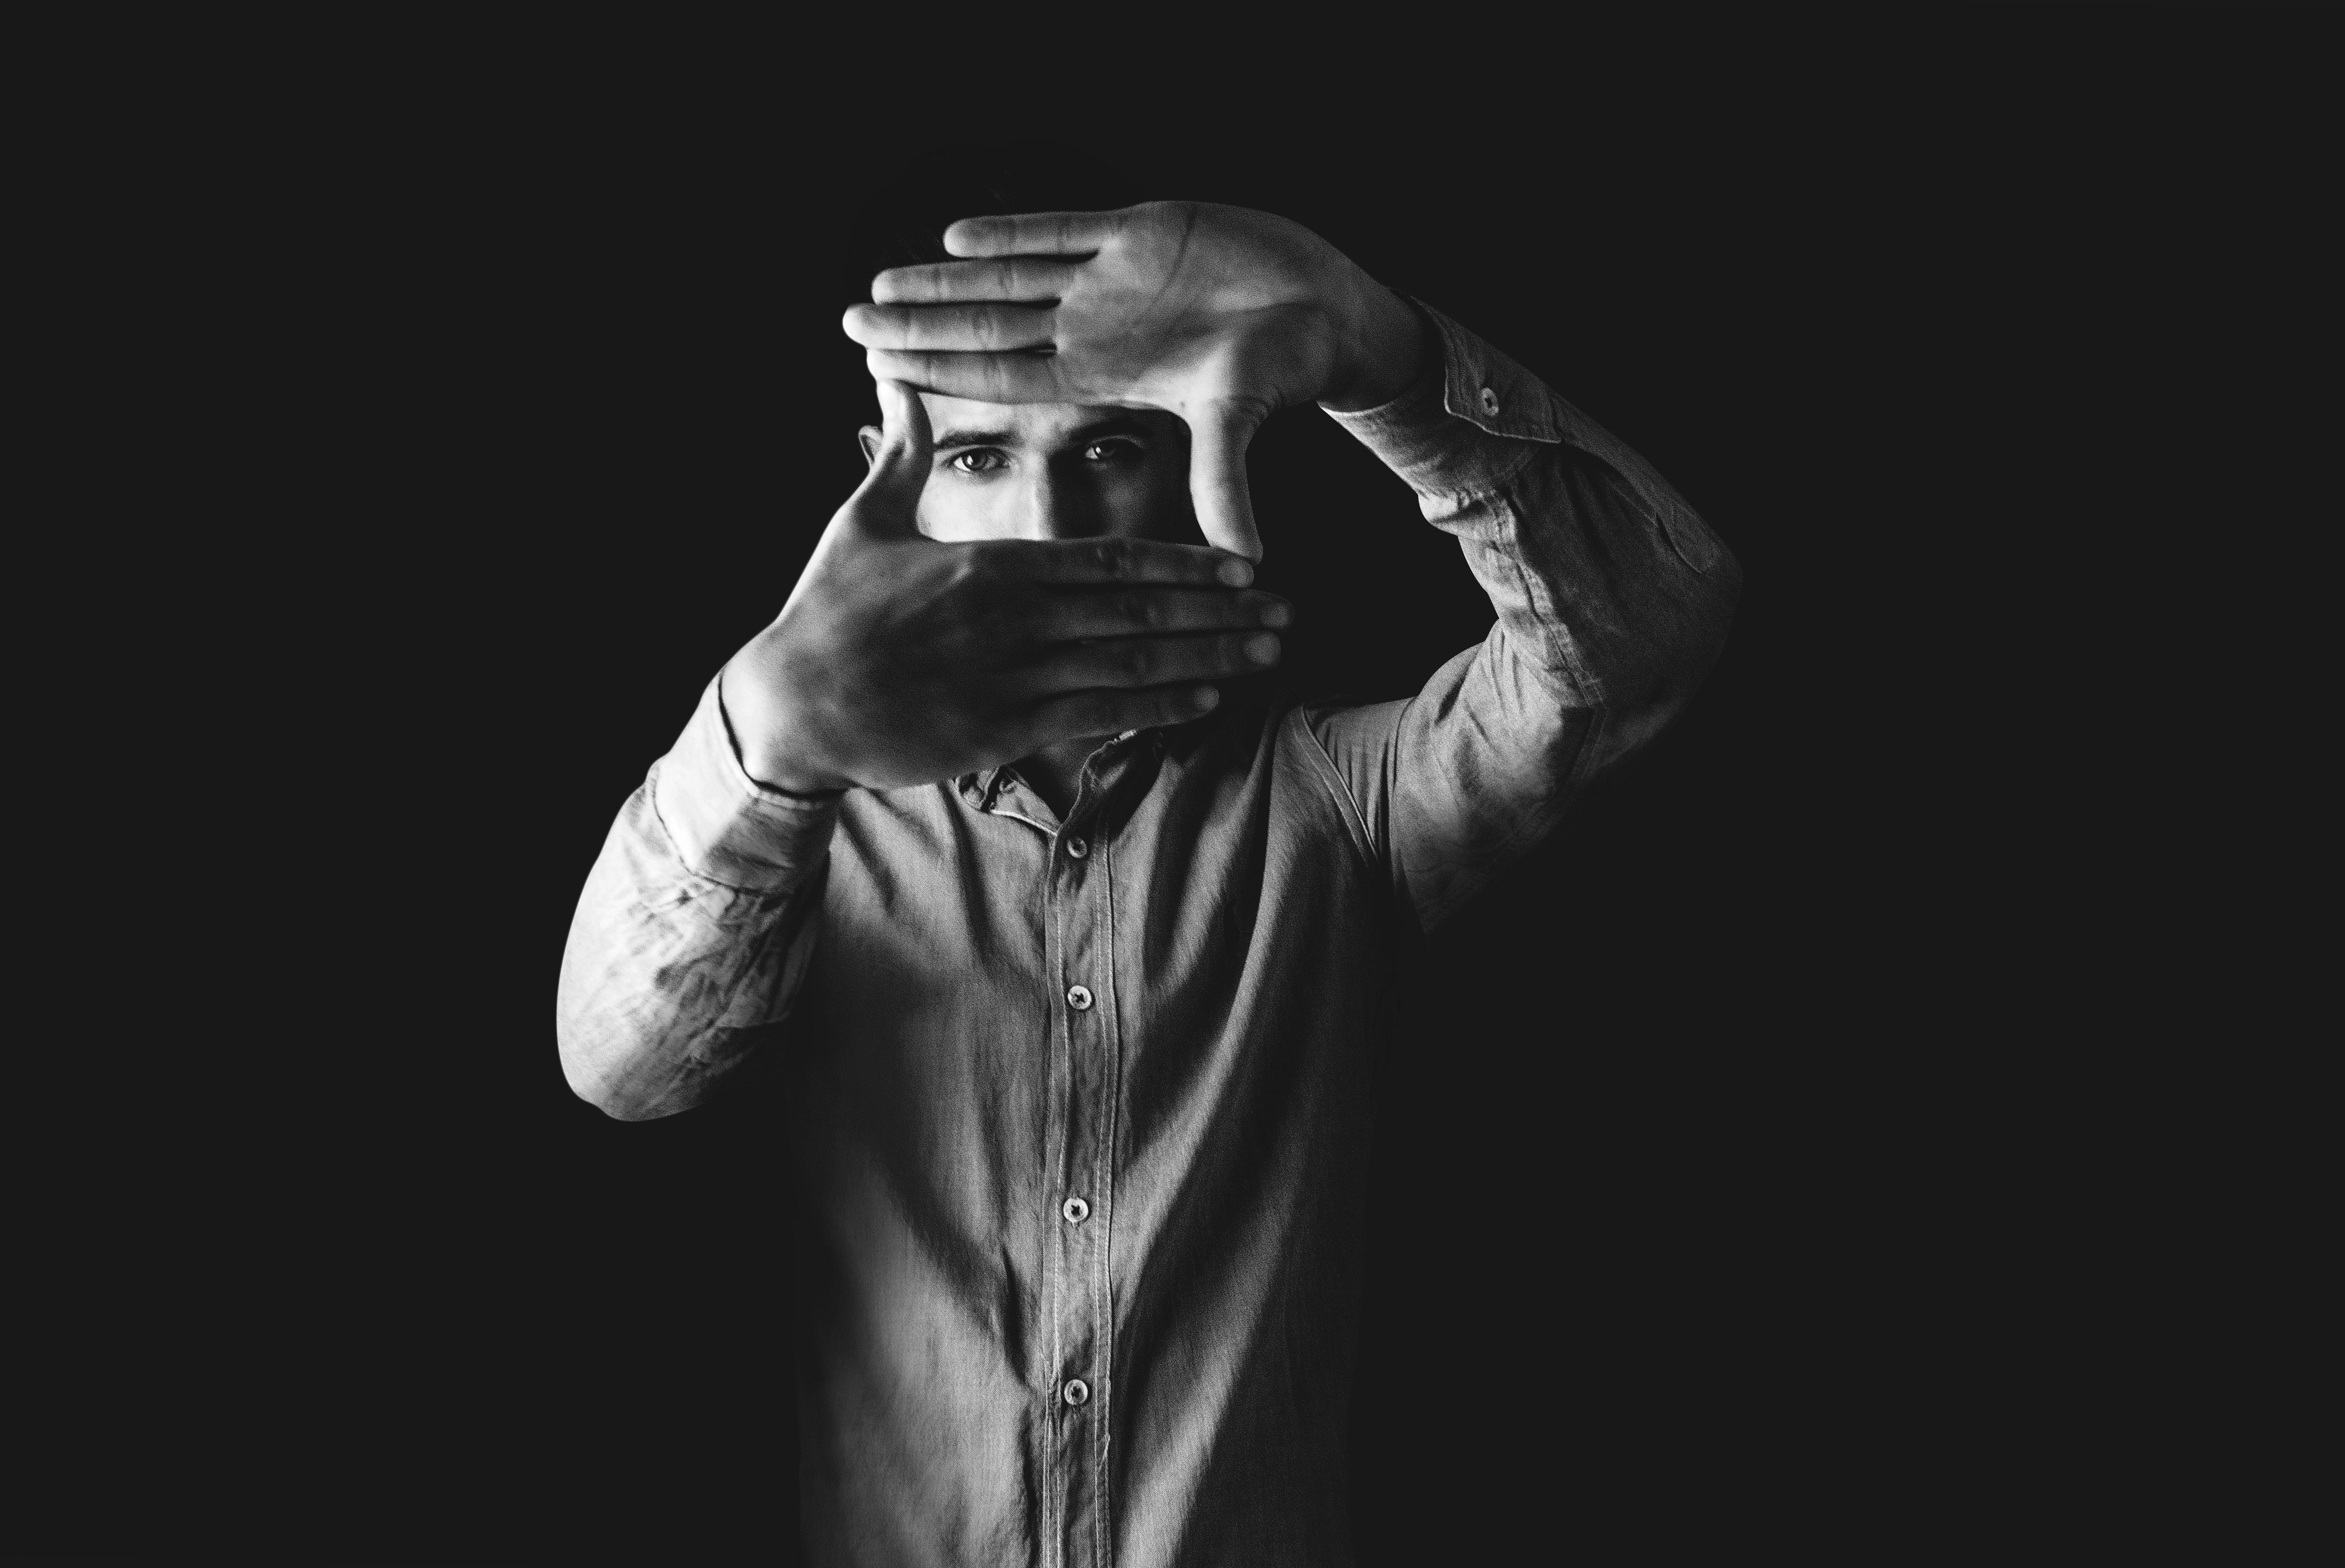 Réussir ses photos en noir et blanc